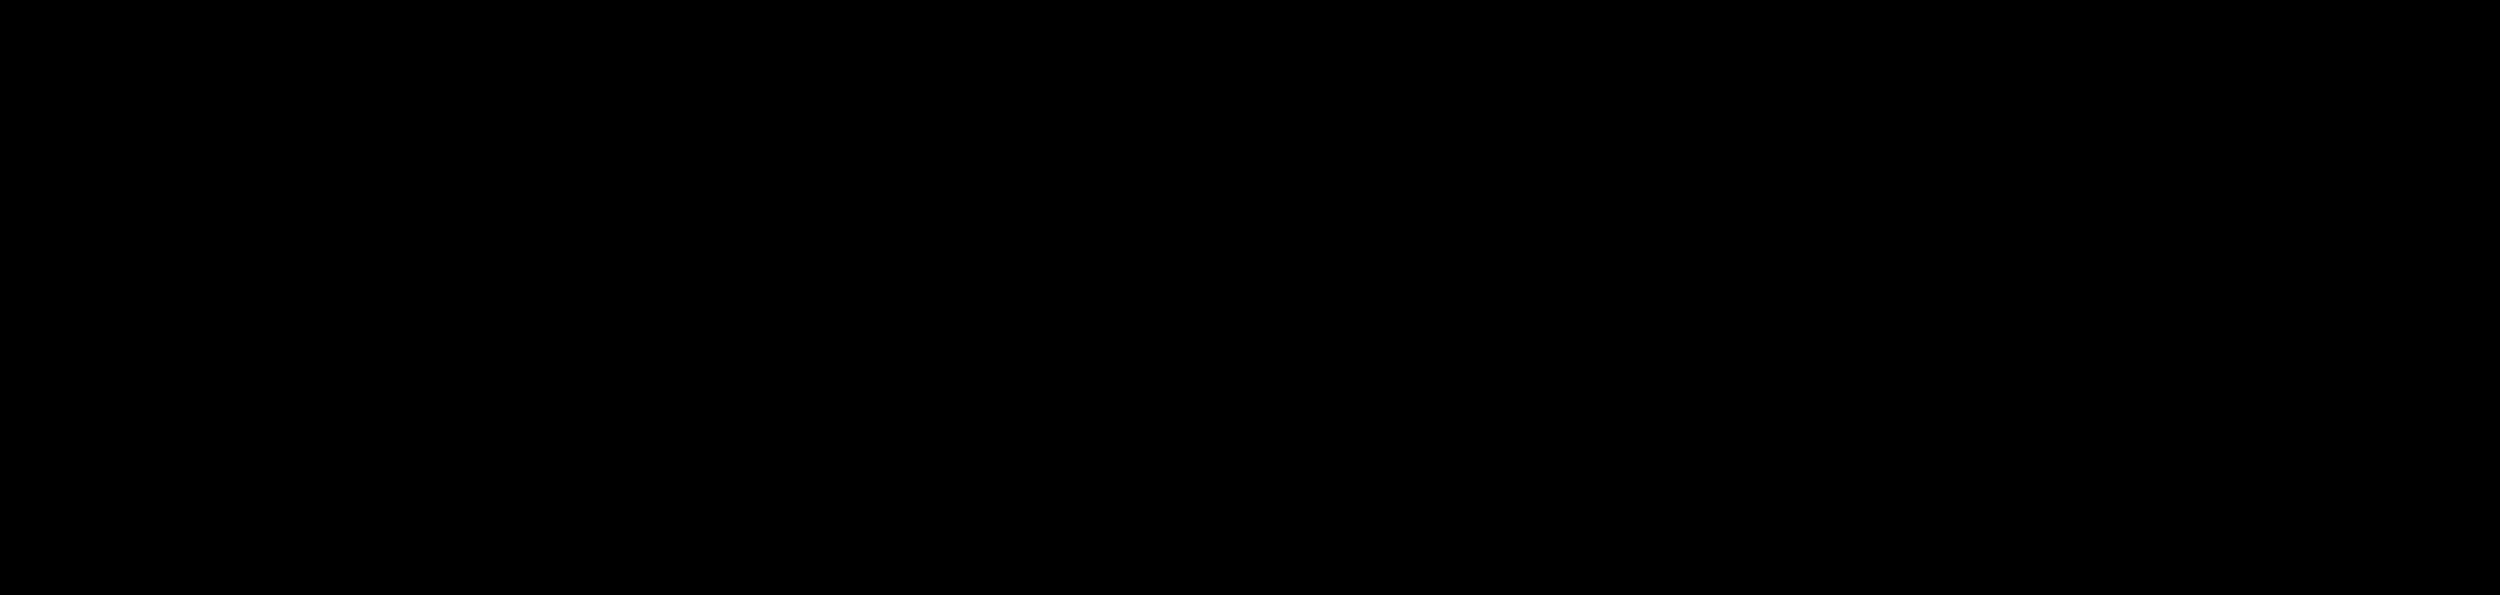 Logo_Pedroarturo-Positivo-01.png